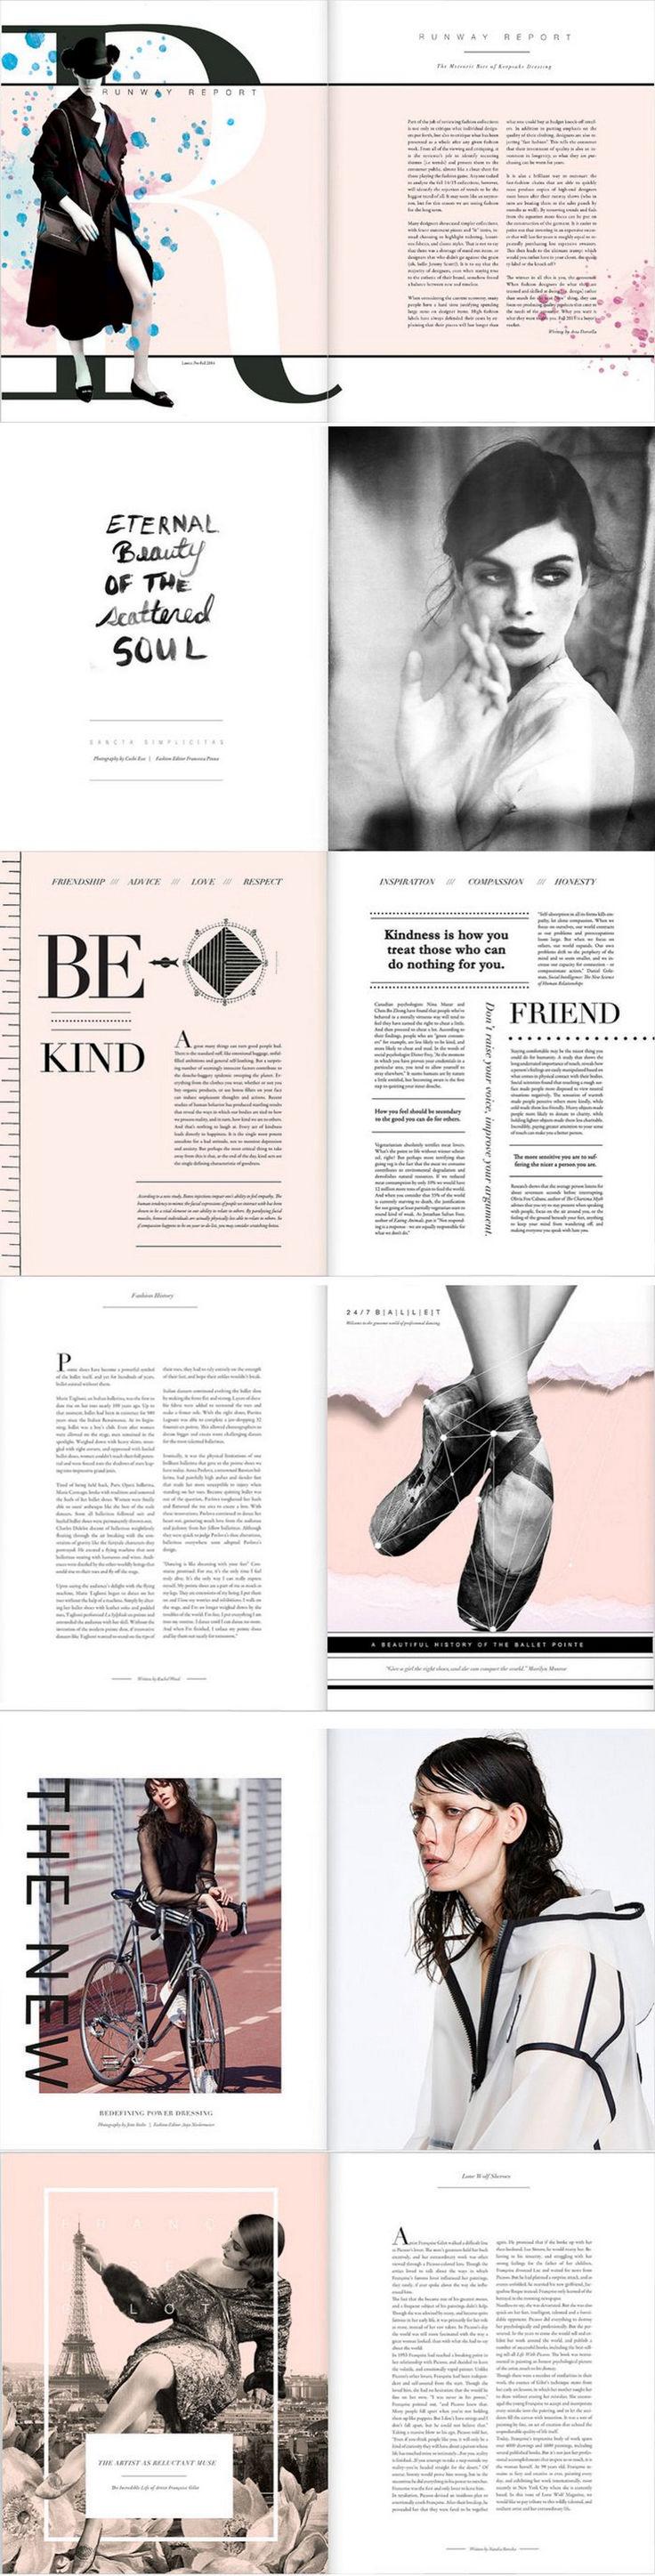 Amazing Magazine Layout Design Idea (30)